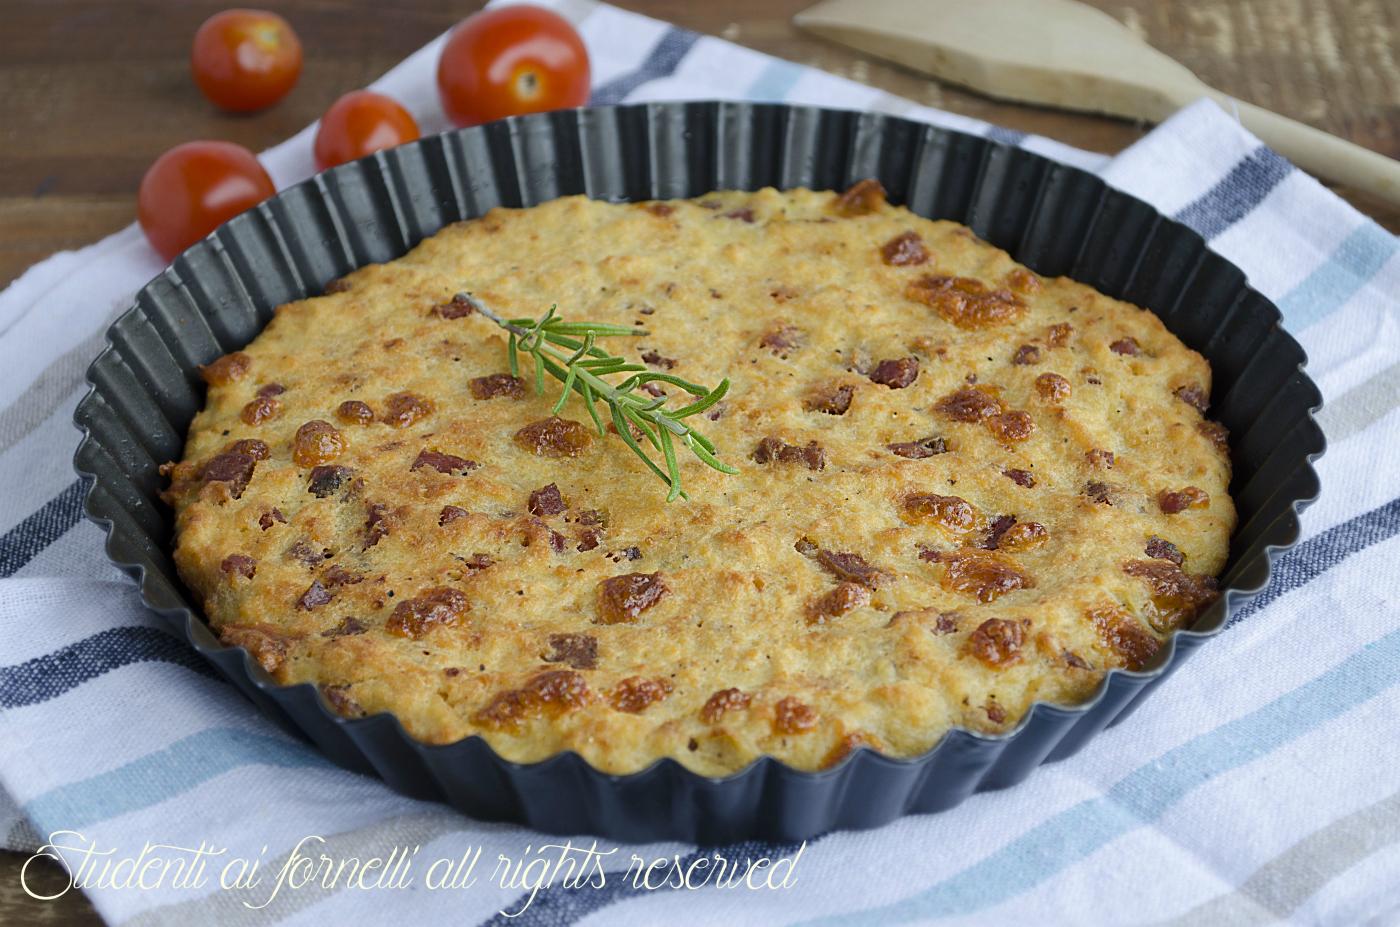 Focaccia Di Pane Con Patate Prosciutto E Formaggio Ricetta Riciclo